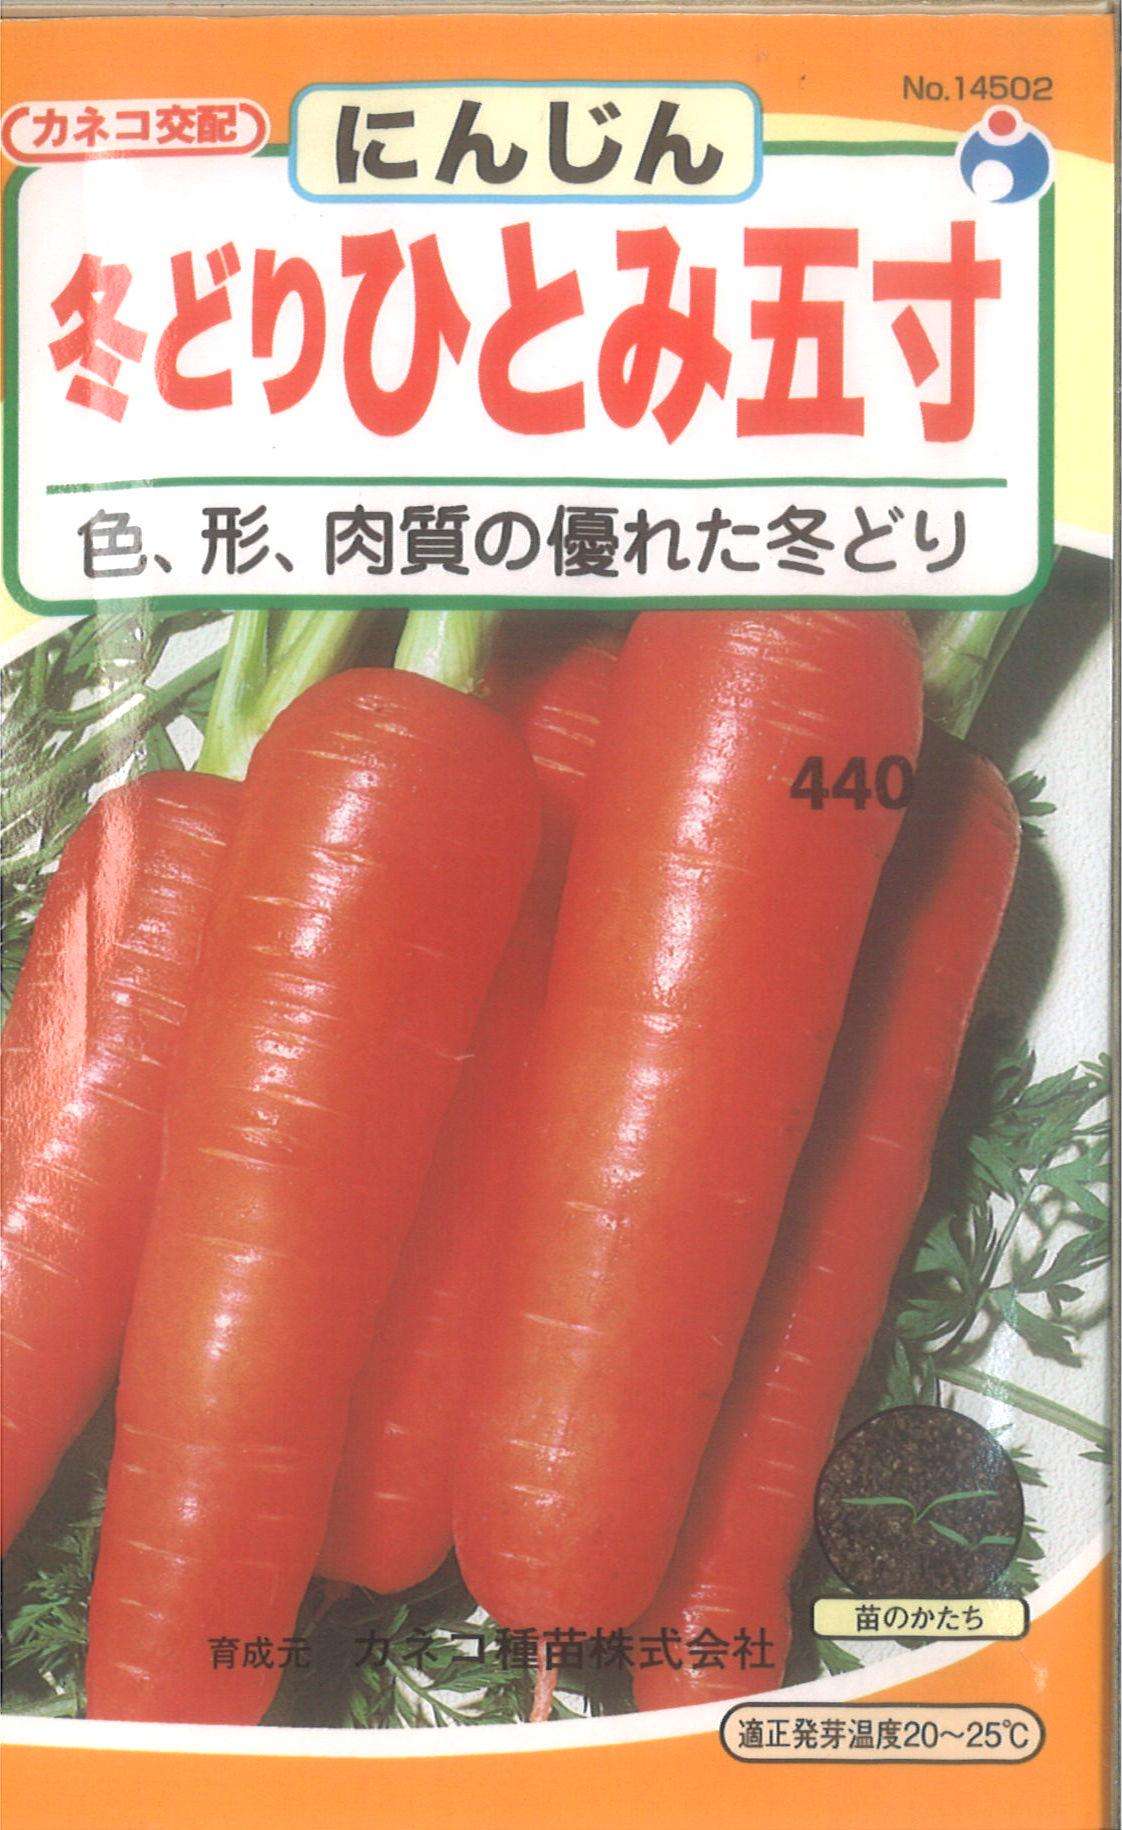 【代引不可】【5袋まで送料80円】□冬どりひとみ五寸にんじん